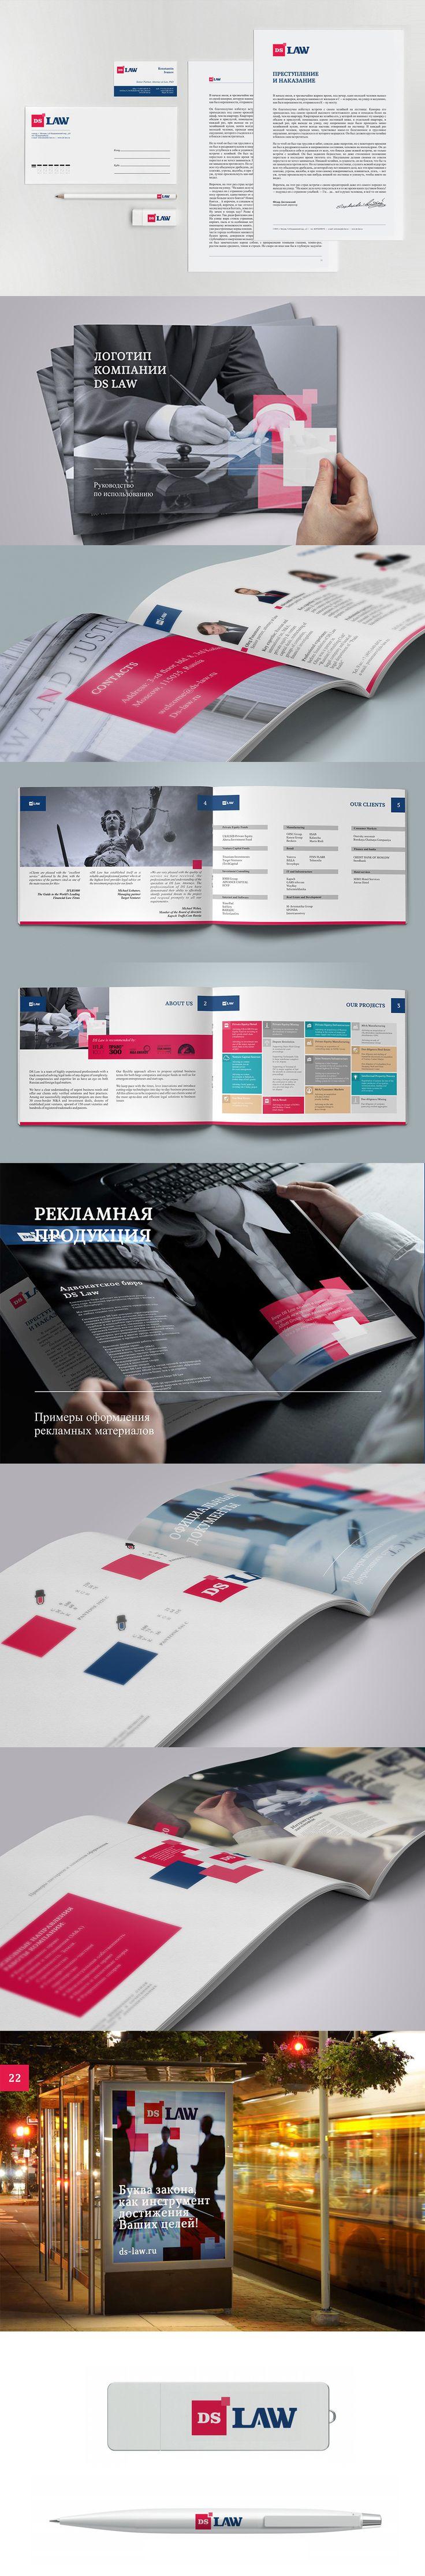 guideline, D logo design. Ds law logo. Corporate identity. Фирменный стиль и логотип для юридической компании. Лого на букву D